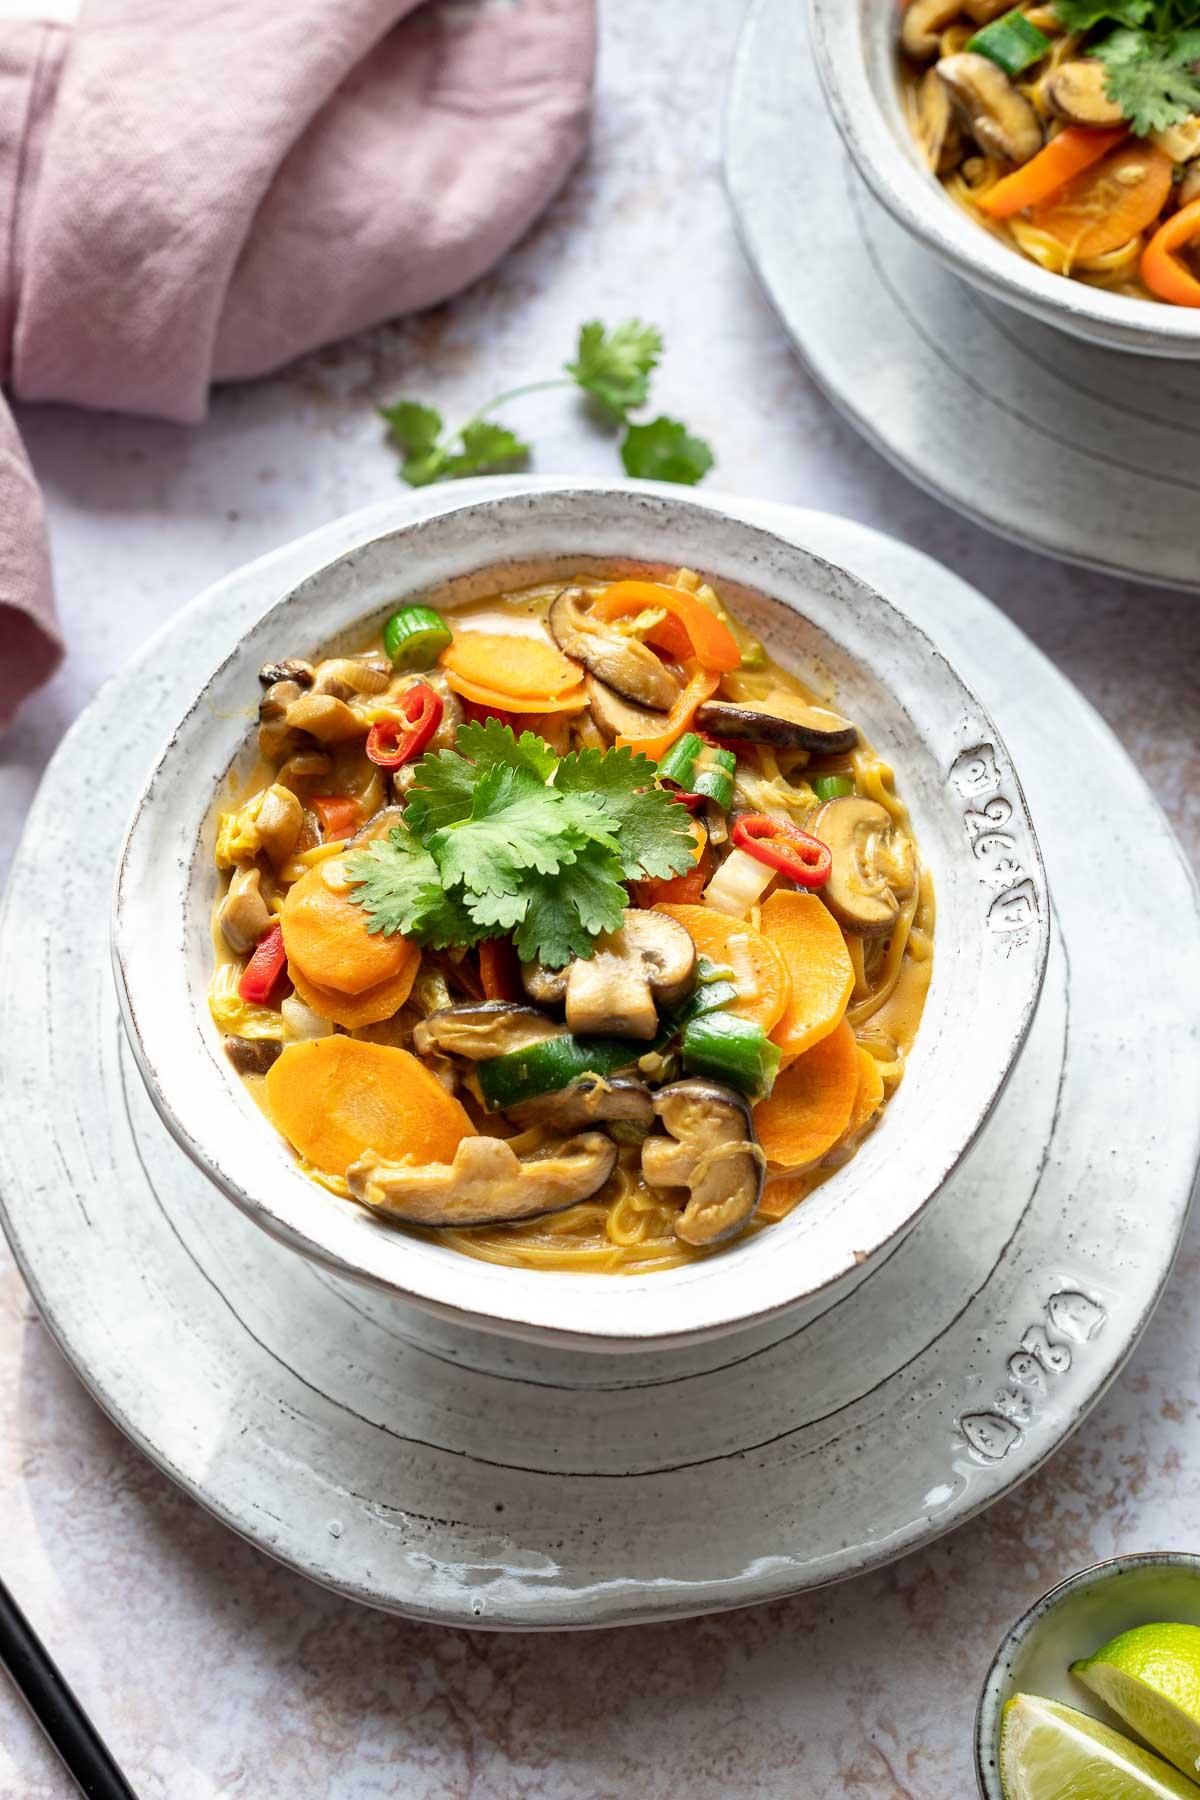 Thai Erdnuss-Nudeln mit Gemüse | Rezept | Elle Republic